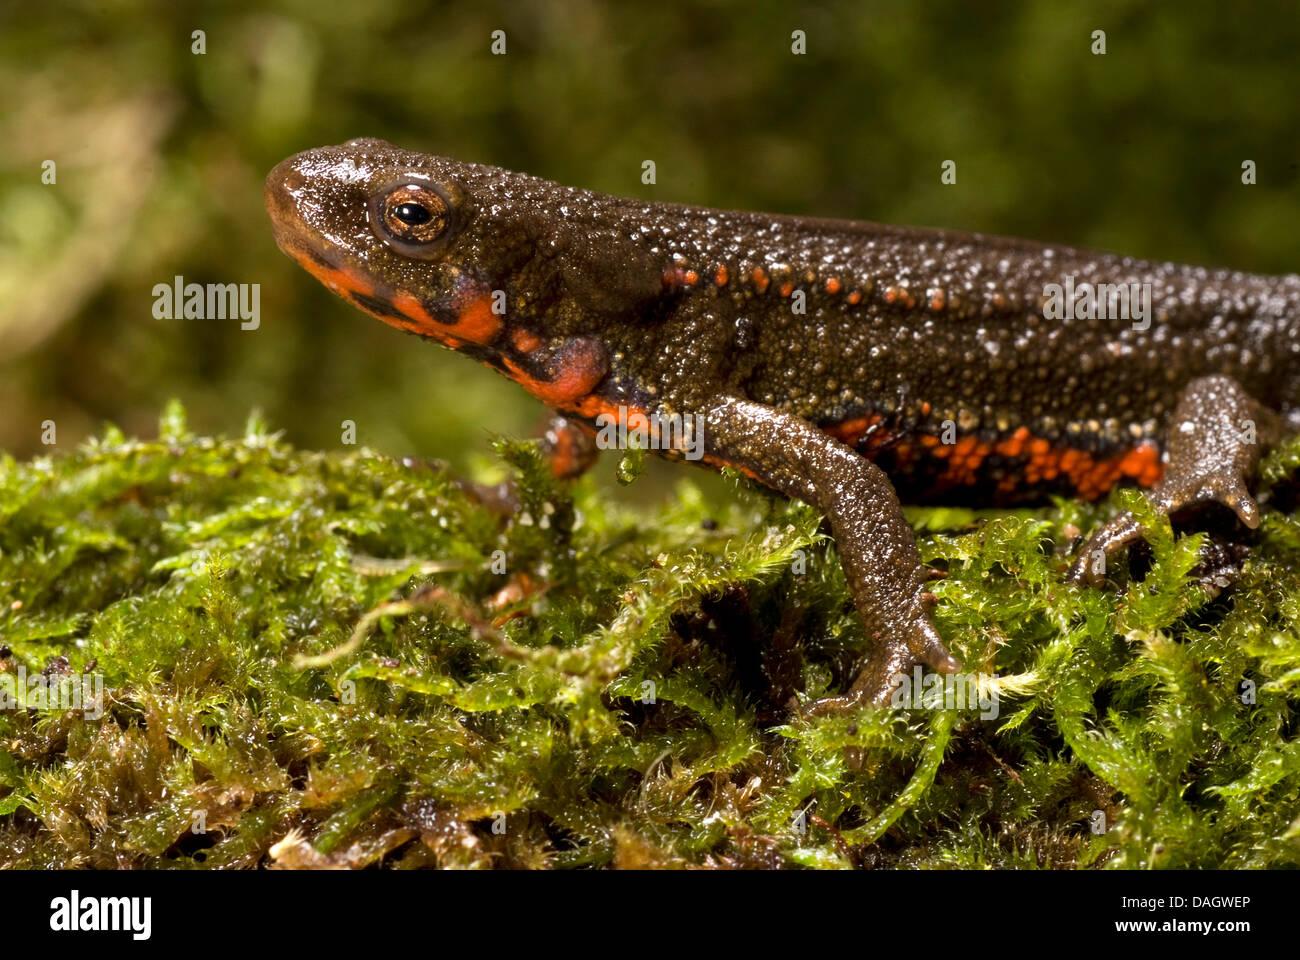 Porte-Épée Épée, newt newt à queue, Sword-Tailed japonais d'Okinawa, Newt Newt (Cynops Photo Stock